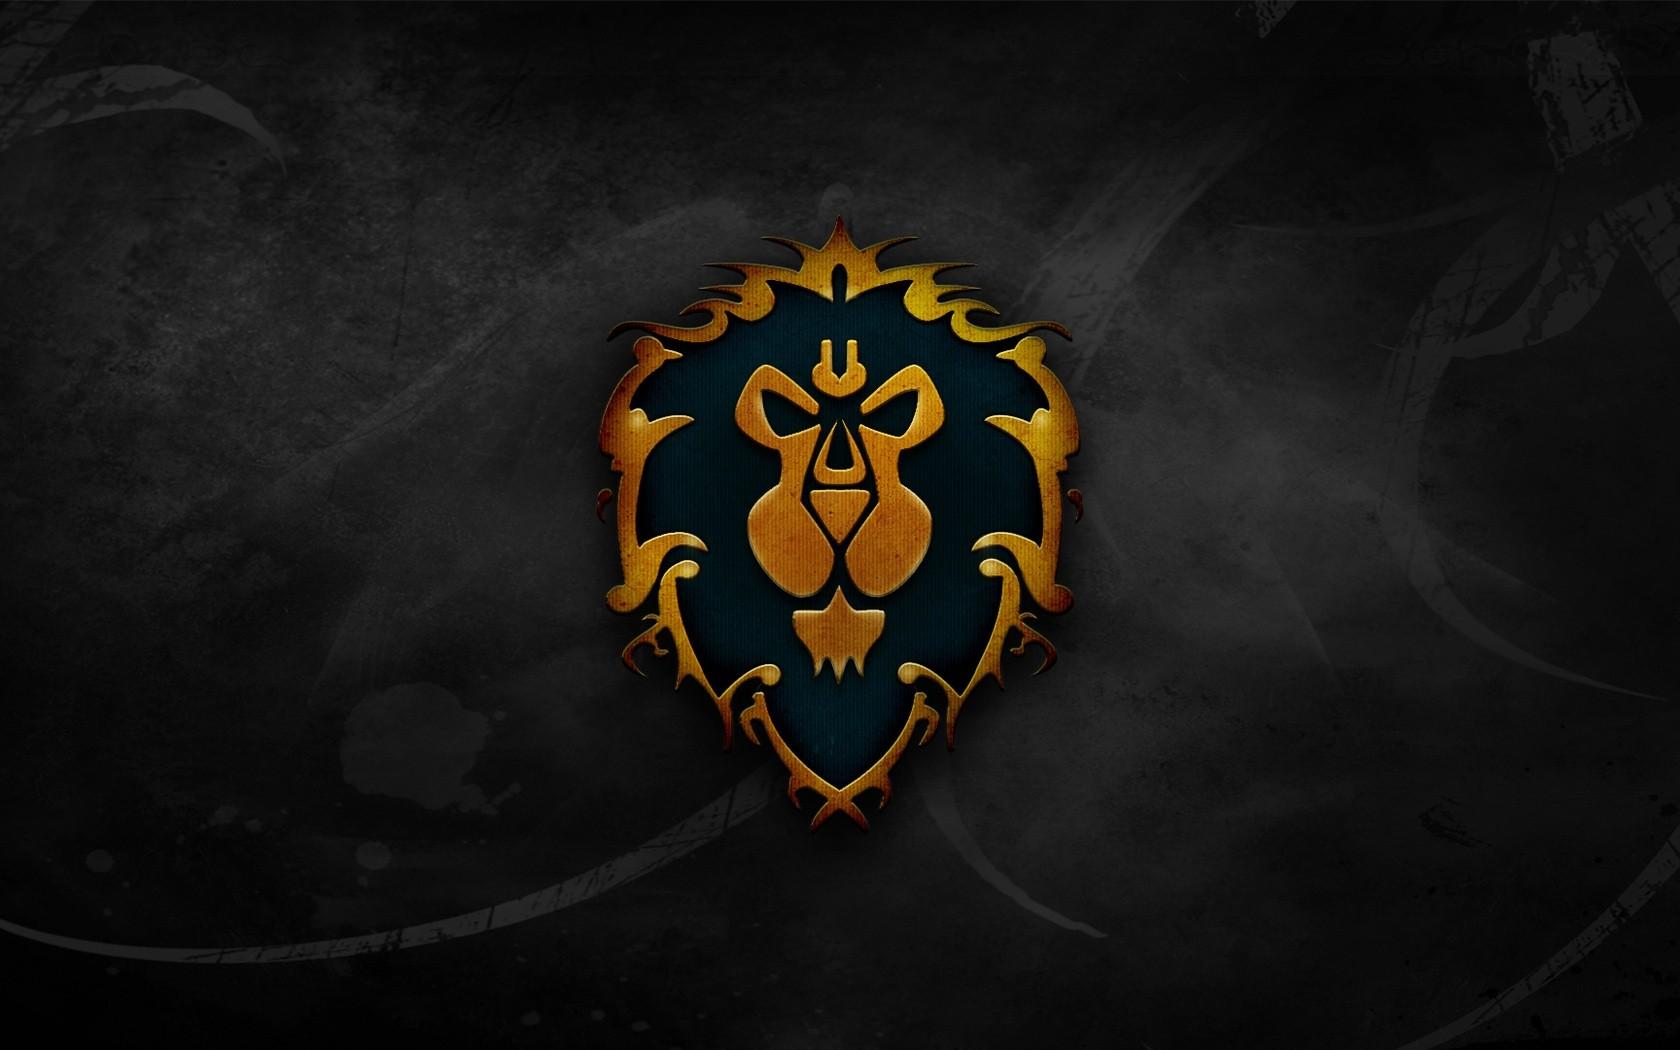 world of warcraft video games pc gaming logo